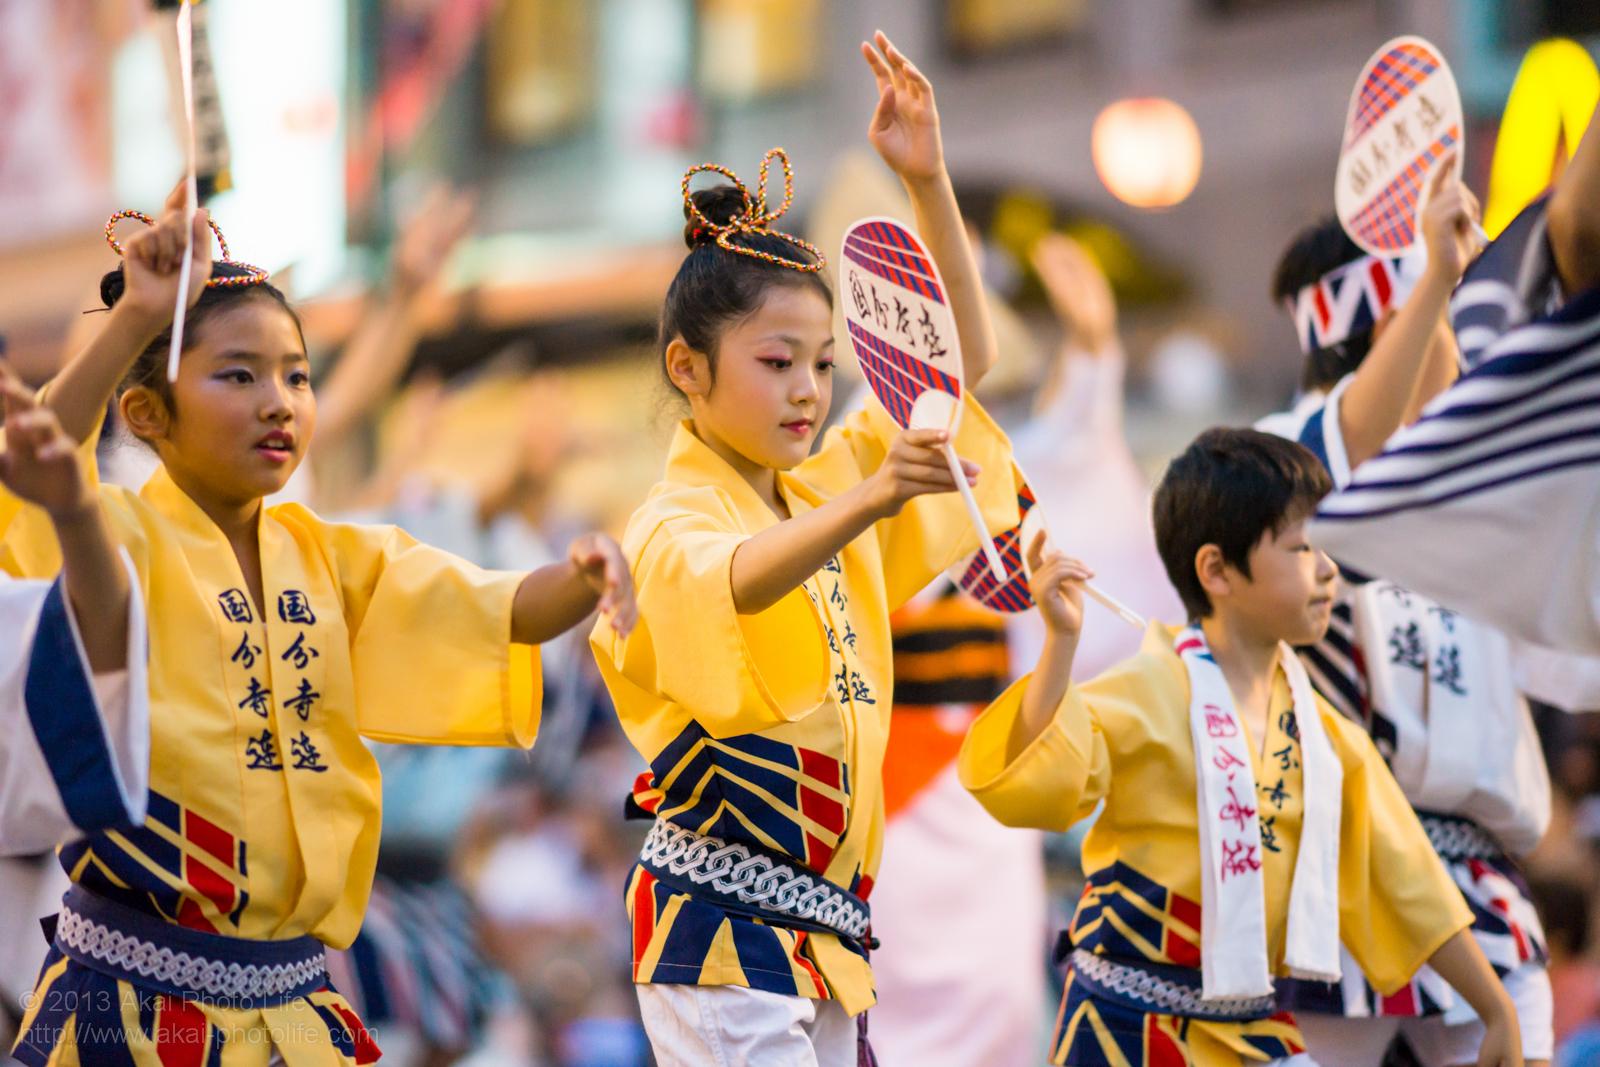 踊れ西八夏まつり、国分寺連の子供踊り